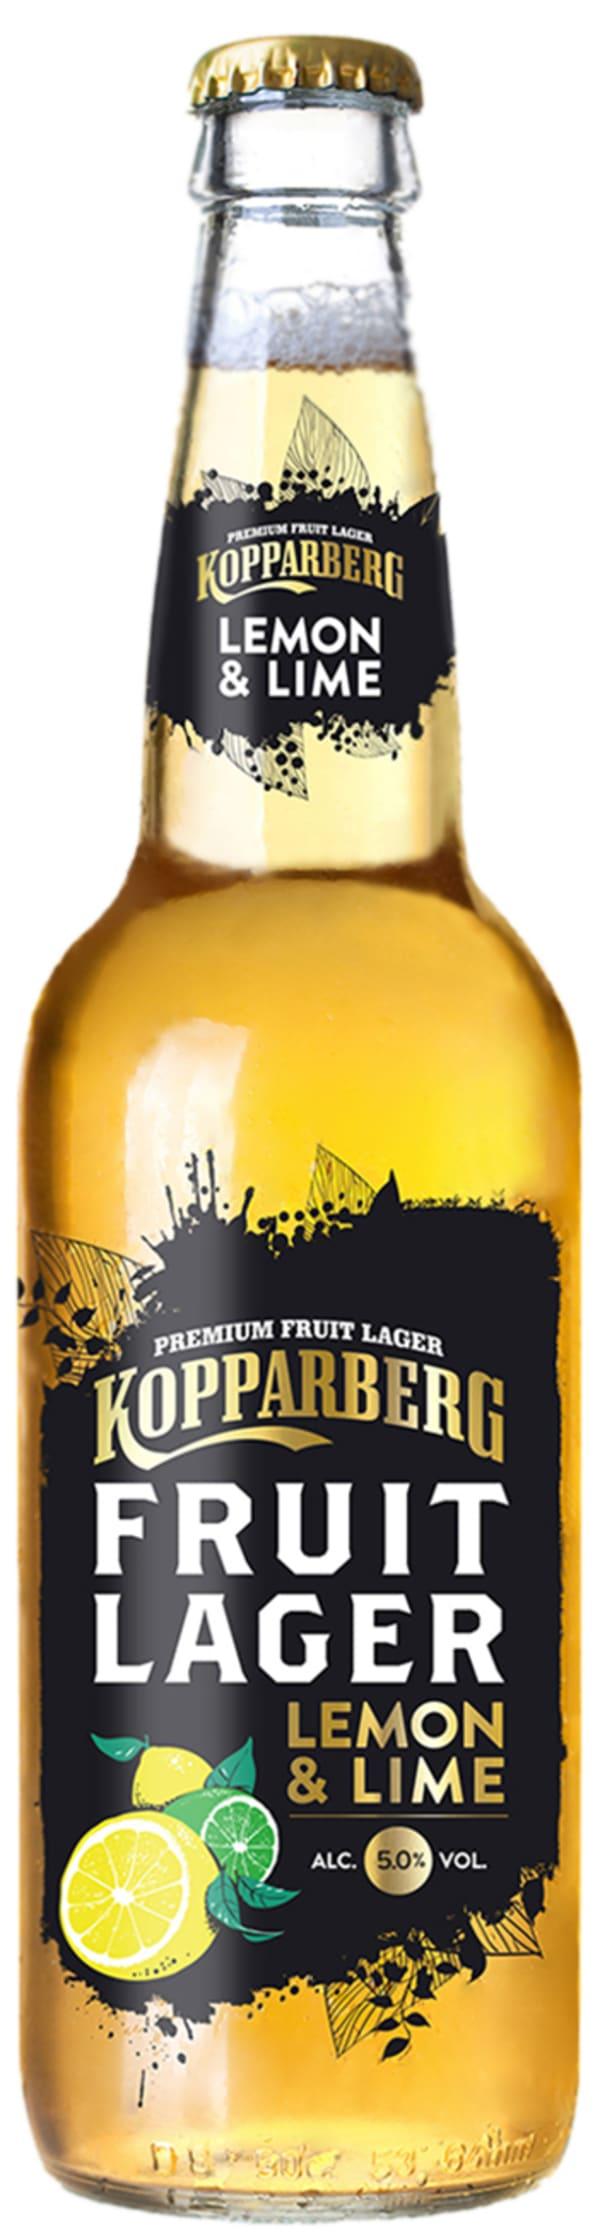 Kopparberg Fruit Lager Lemon & Lime